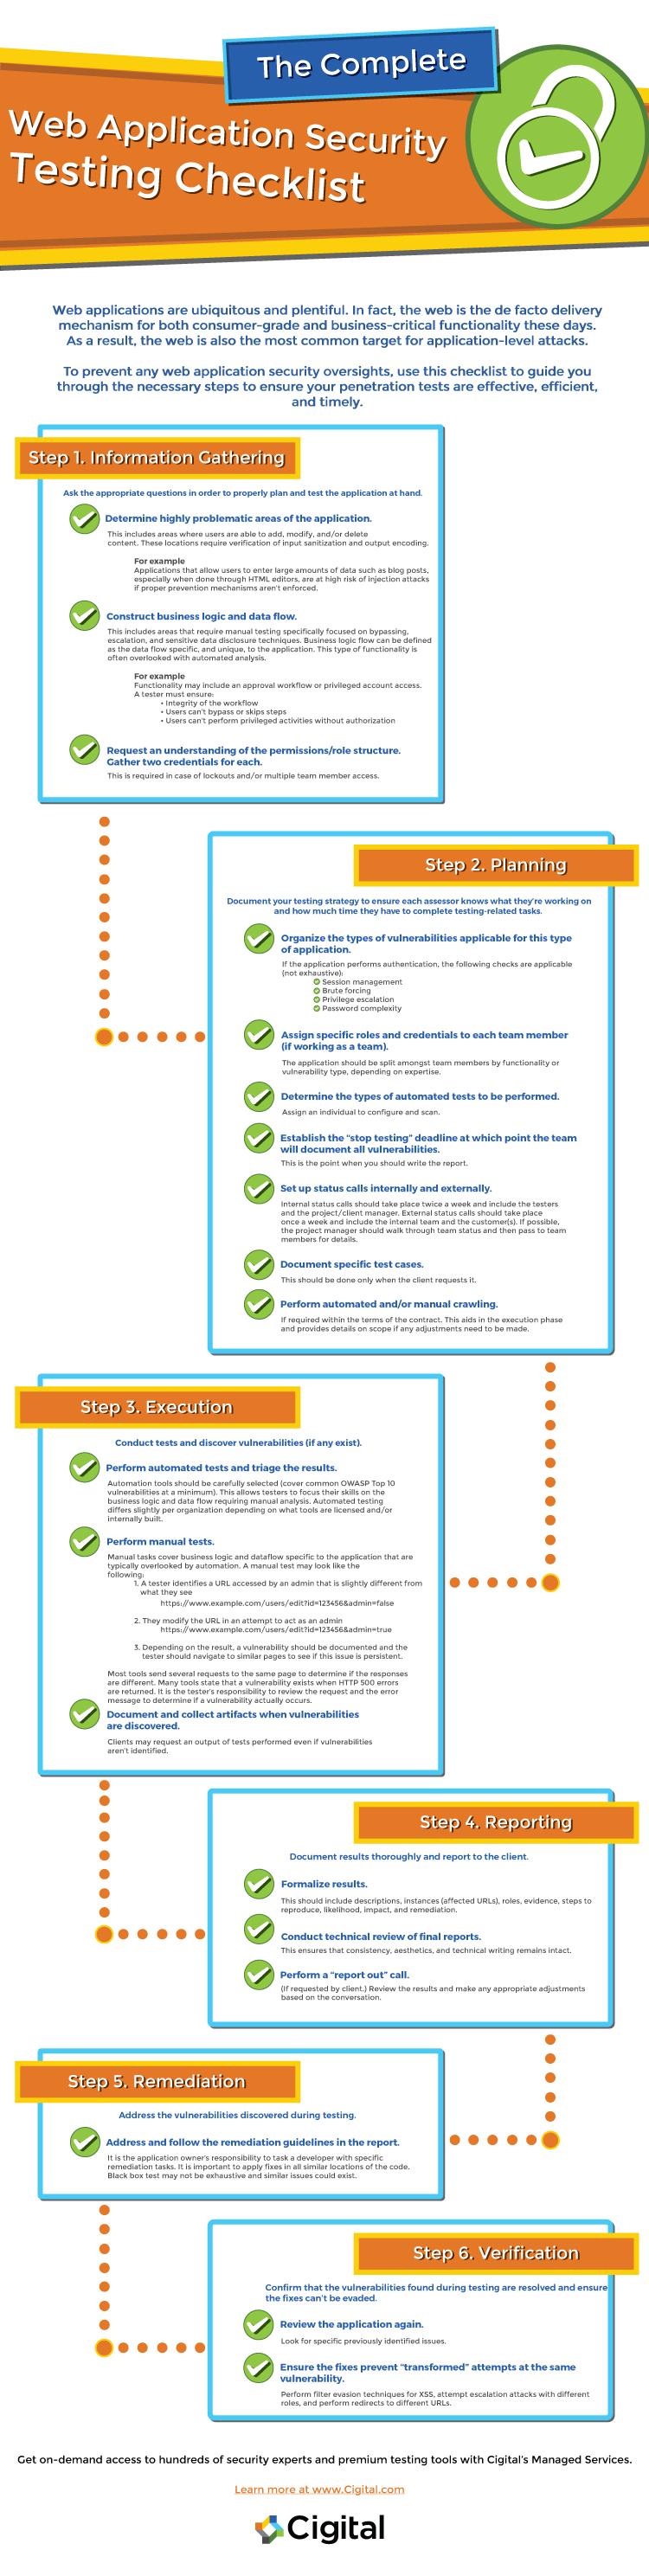 web appsec checklist